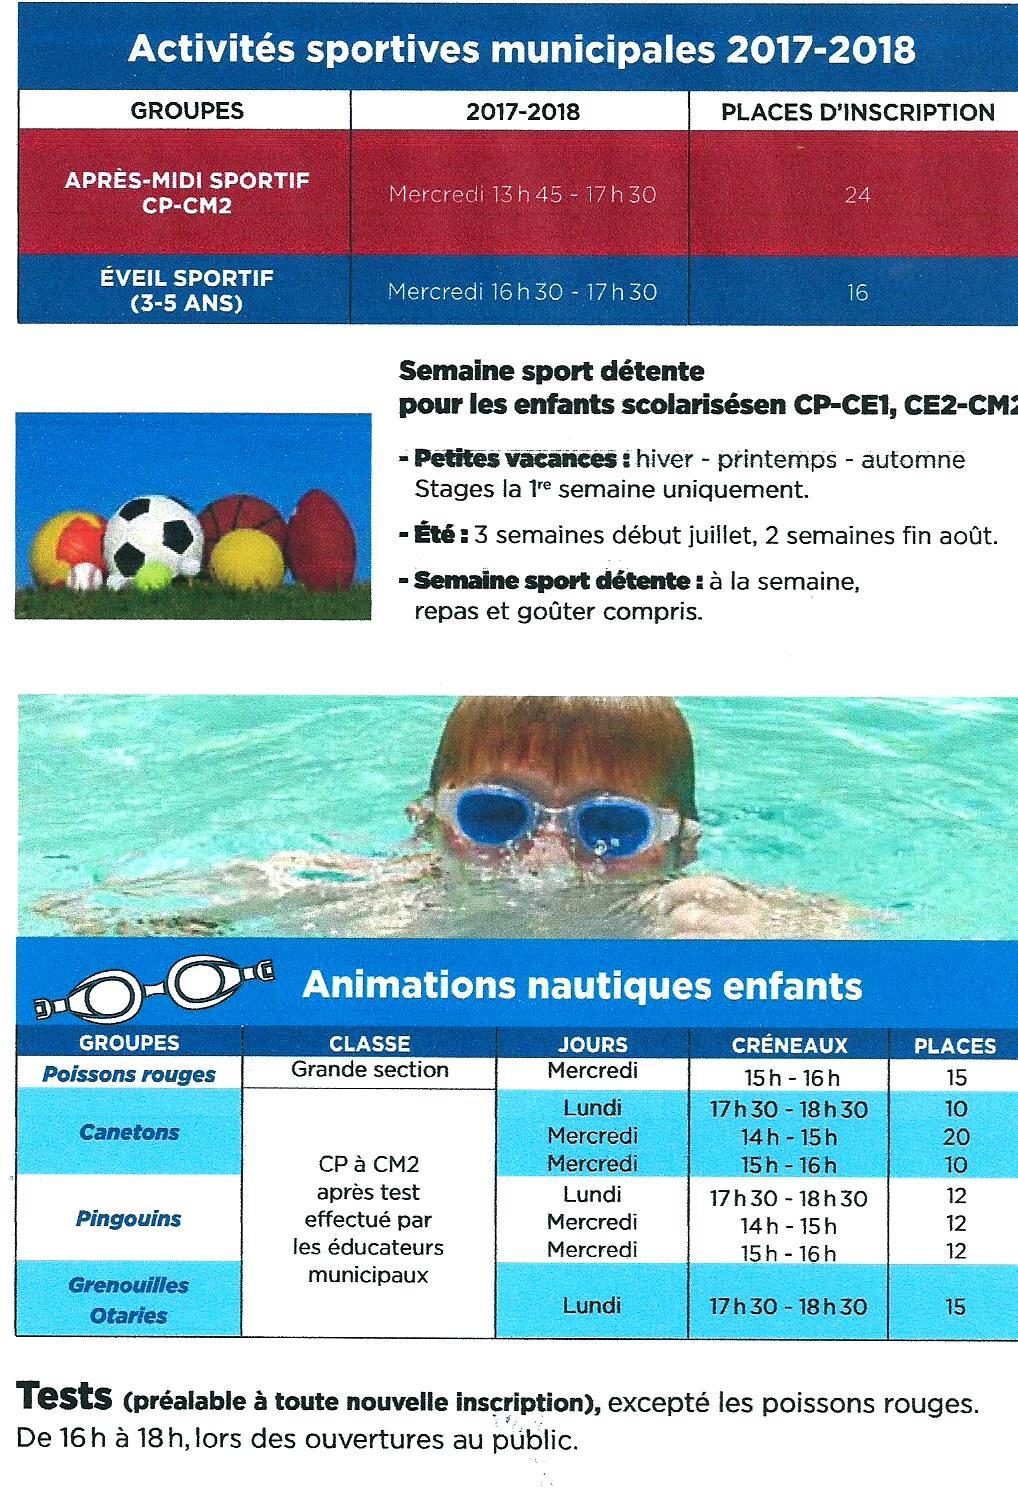 Scan Affiche Activités Sportives Municipales 2017 - 2018 N°1.jpg